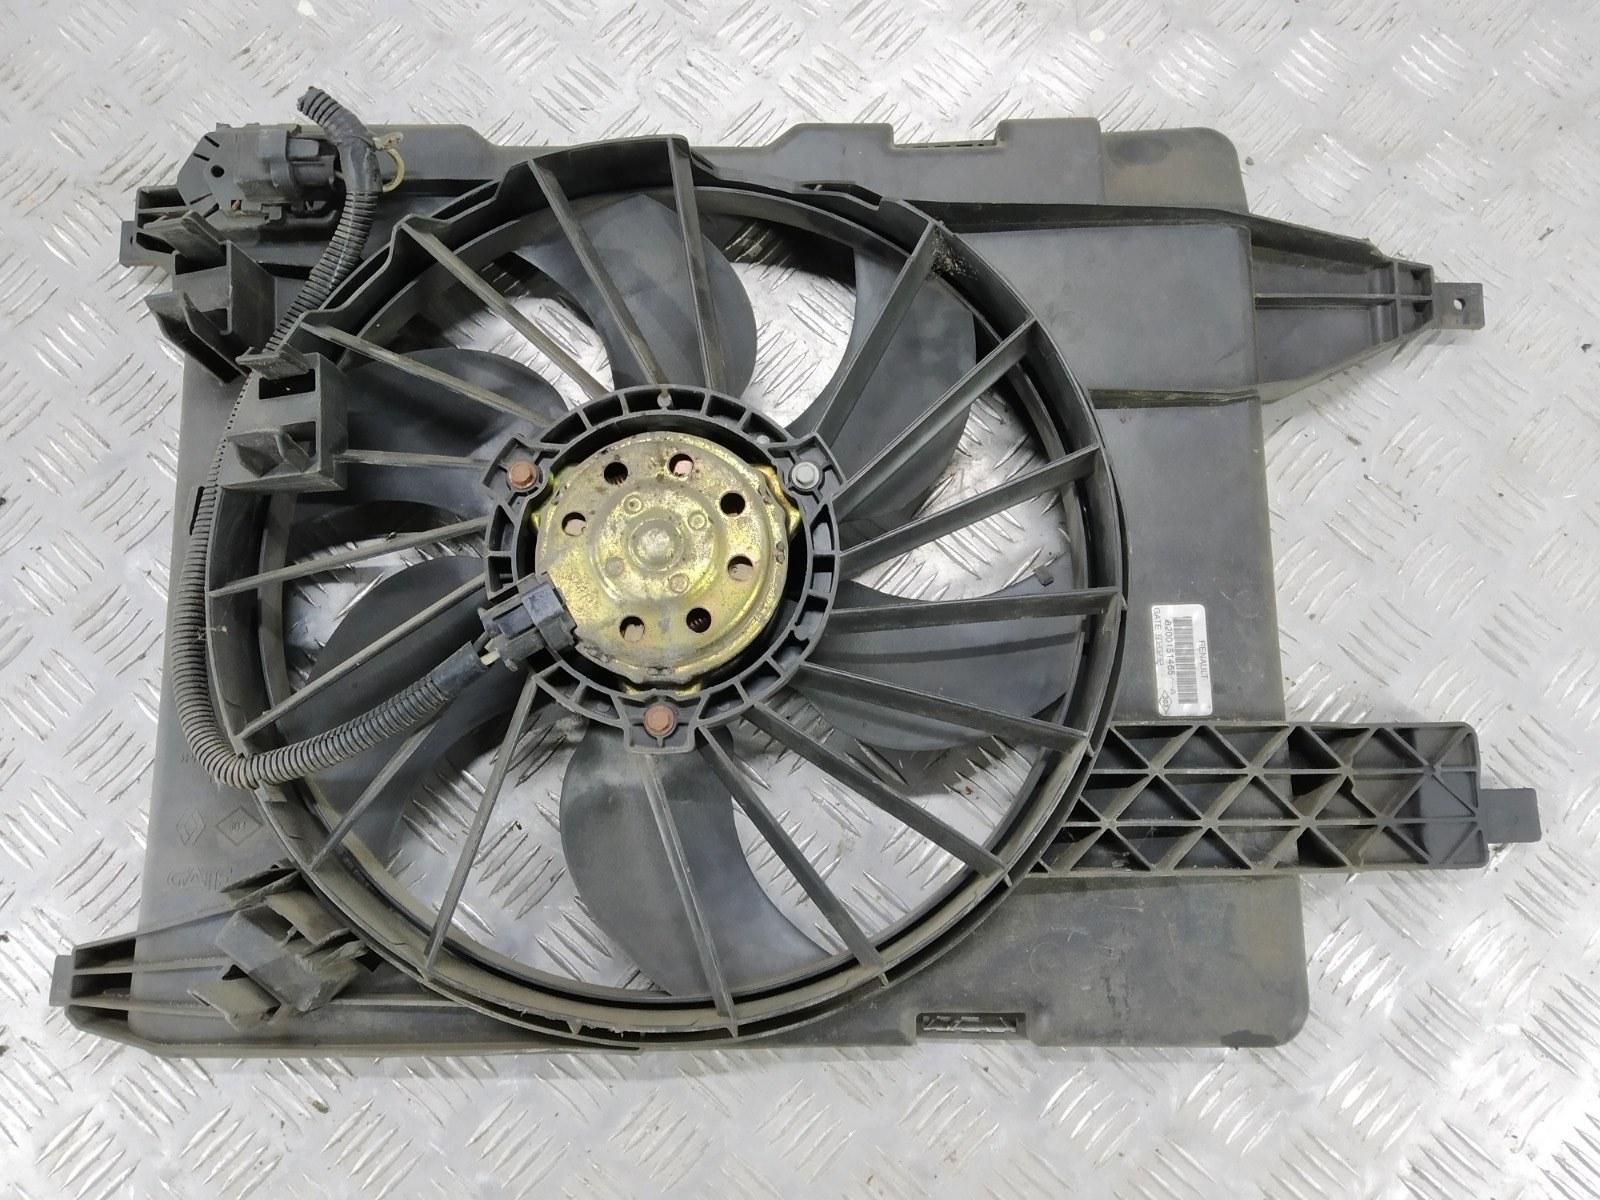 Вентилятор радиатора Renault Scenic 1.5 DCI 2003 (б/у)